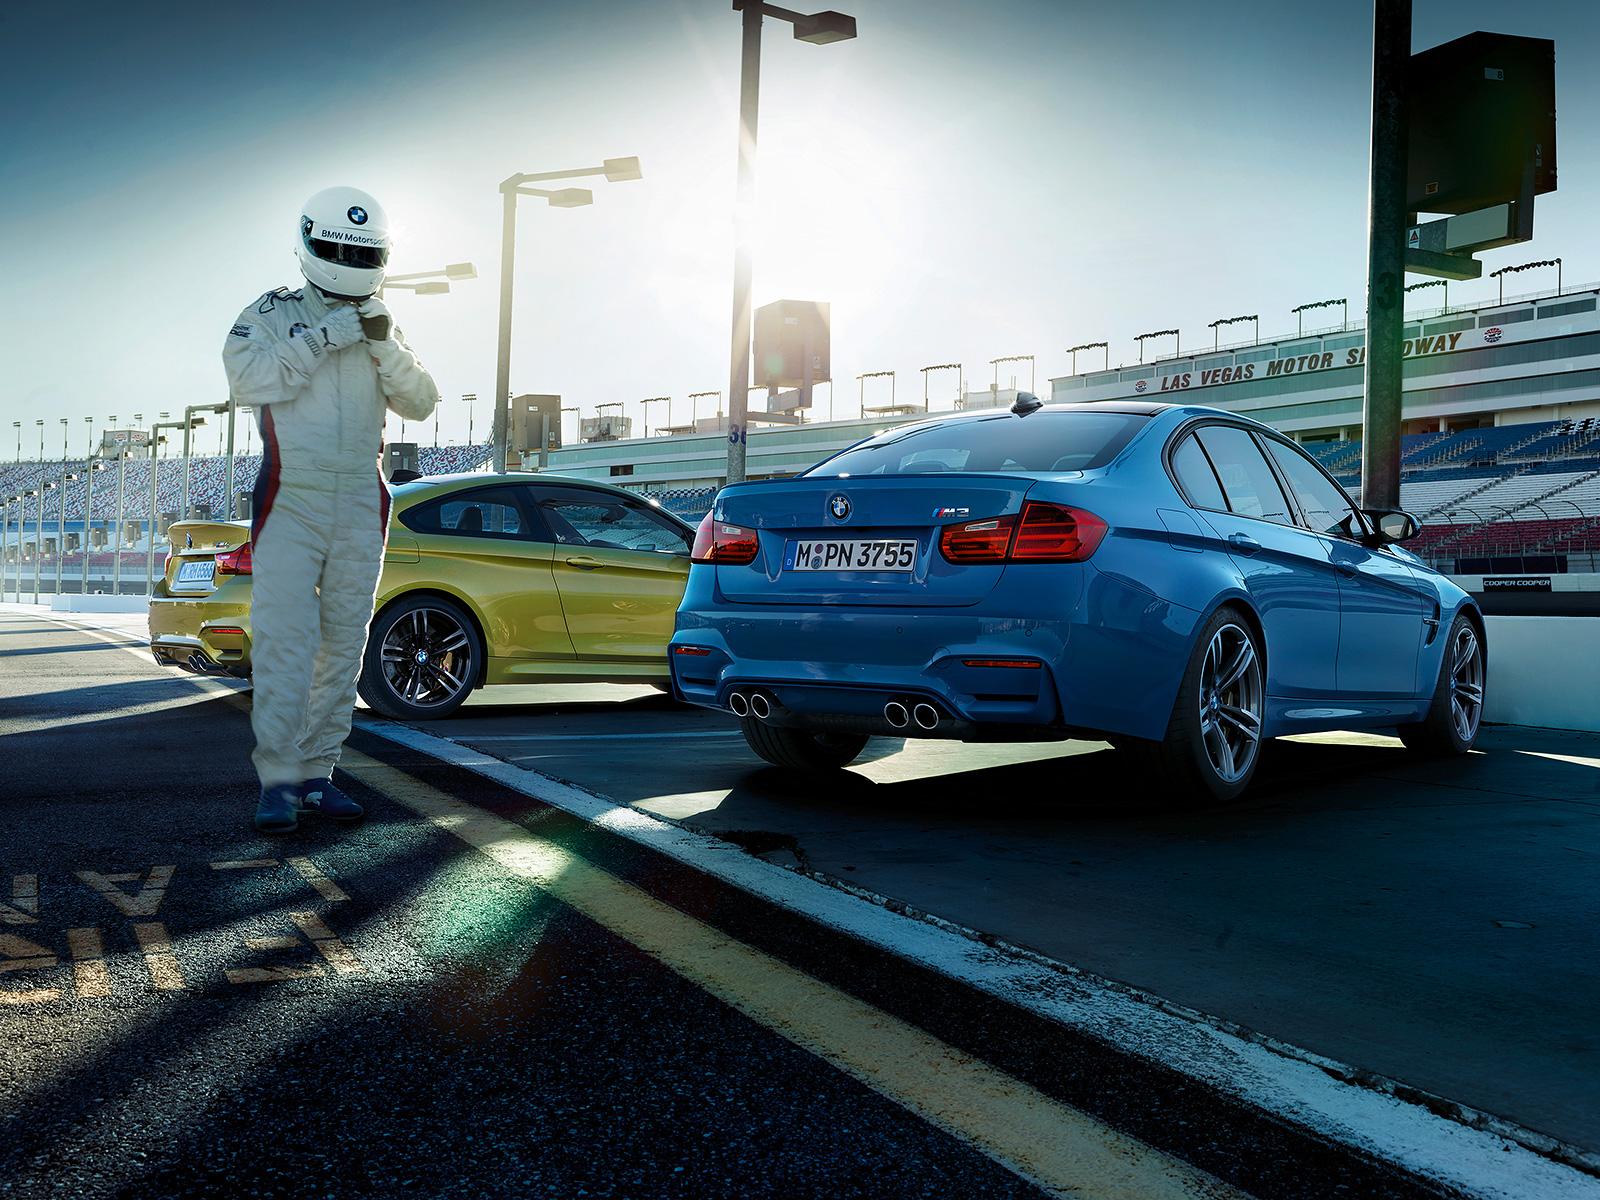 BMW_M3_Sedan_03_1600x1200